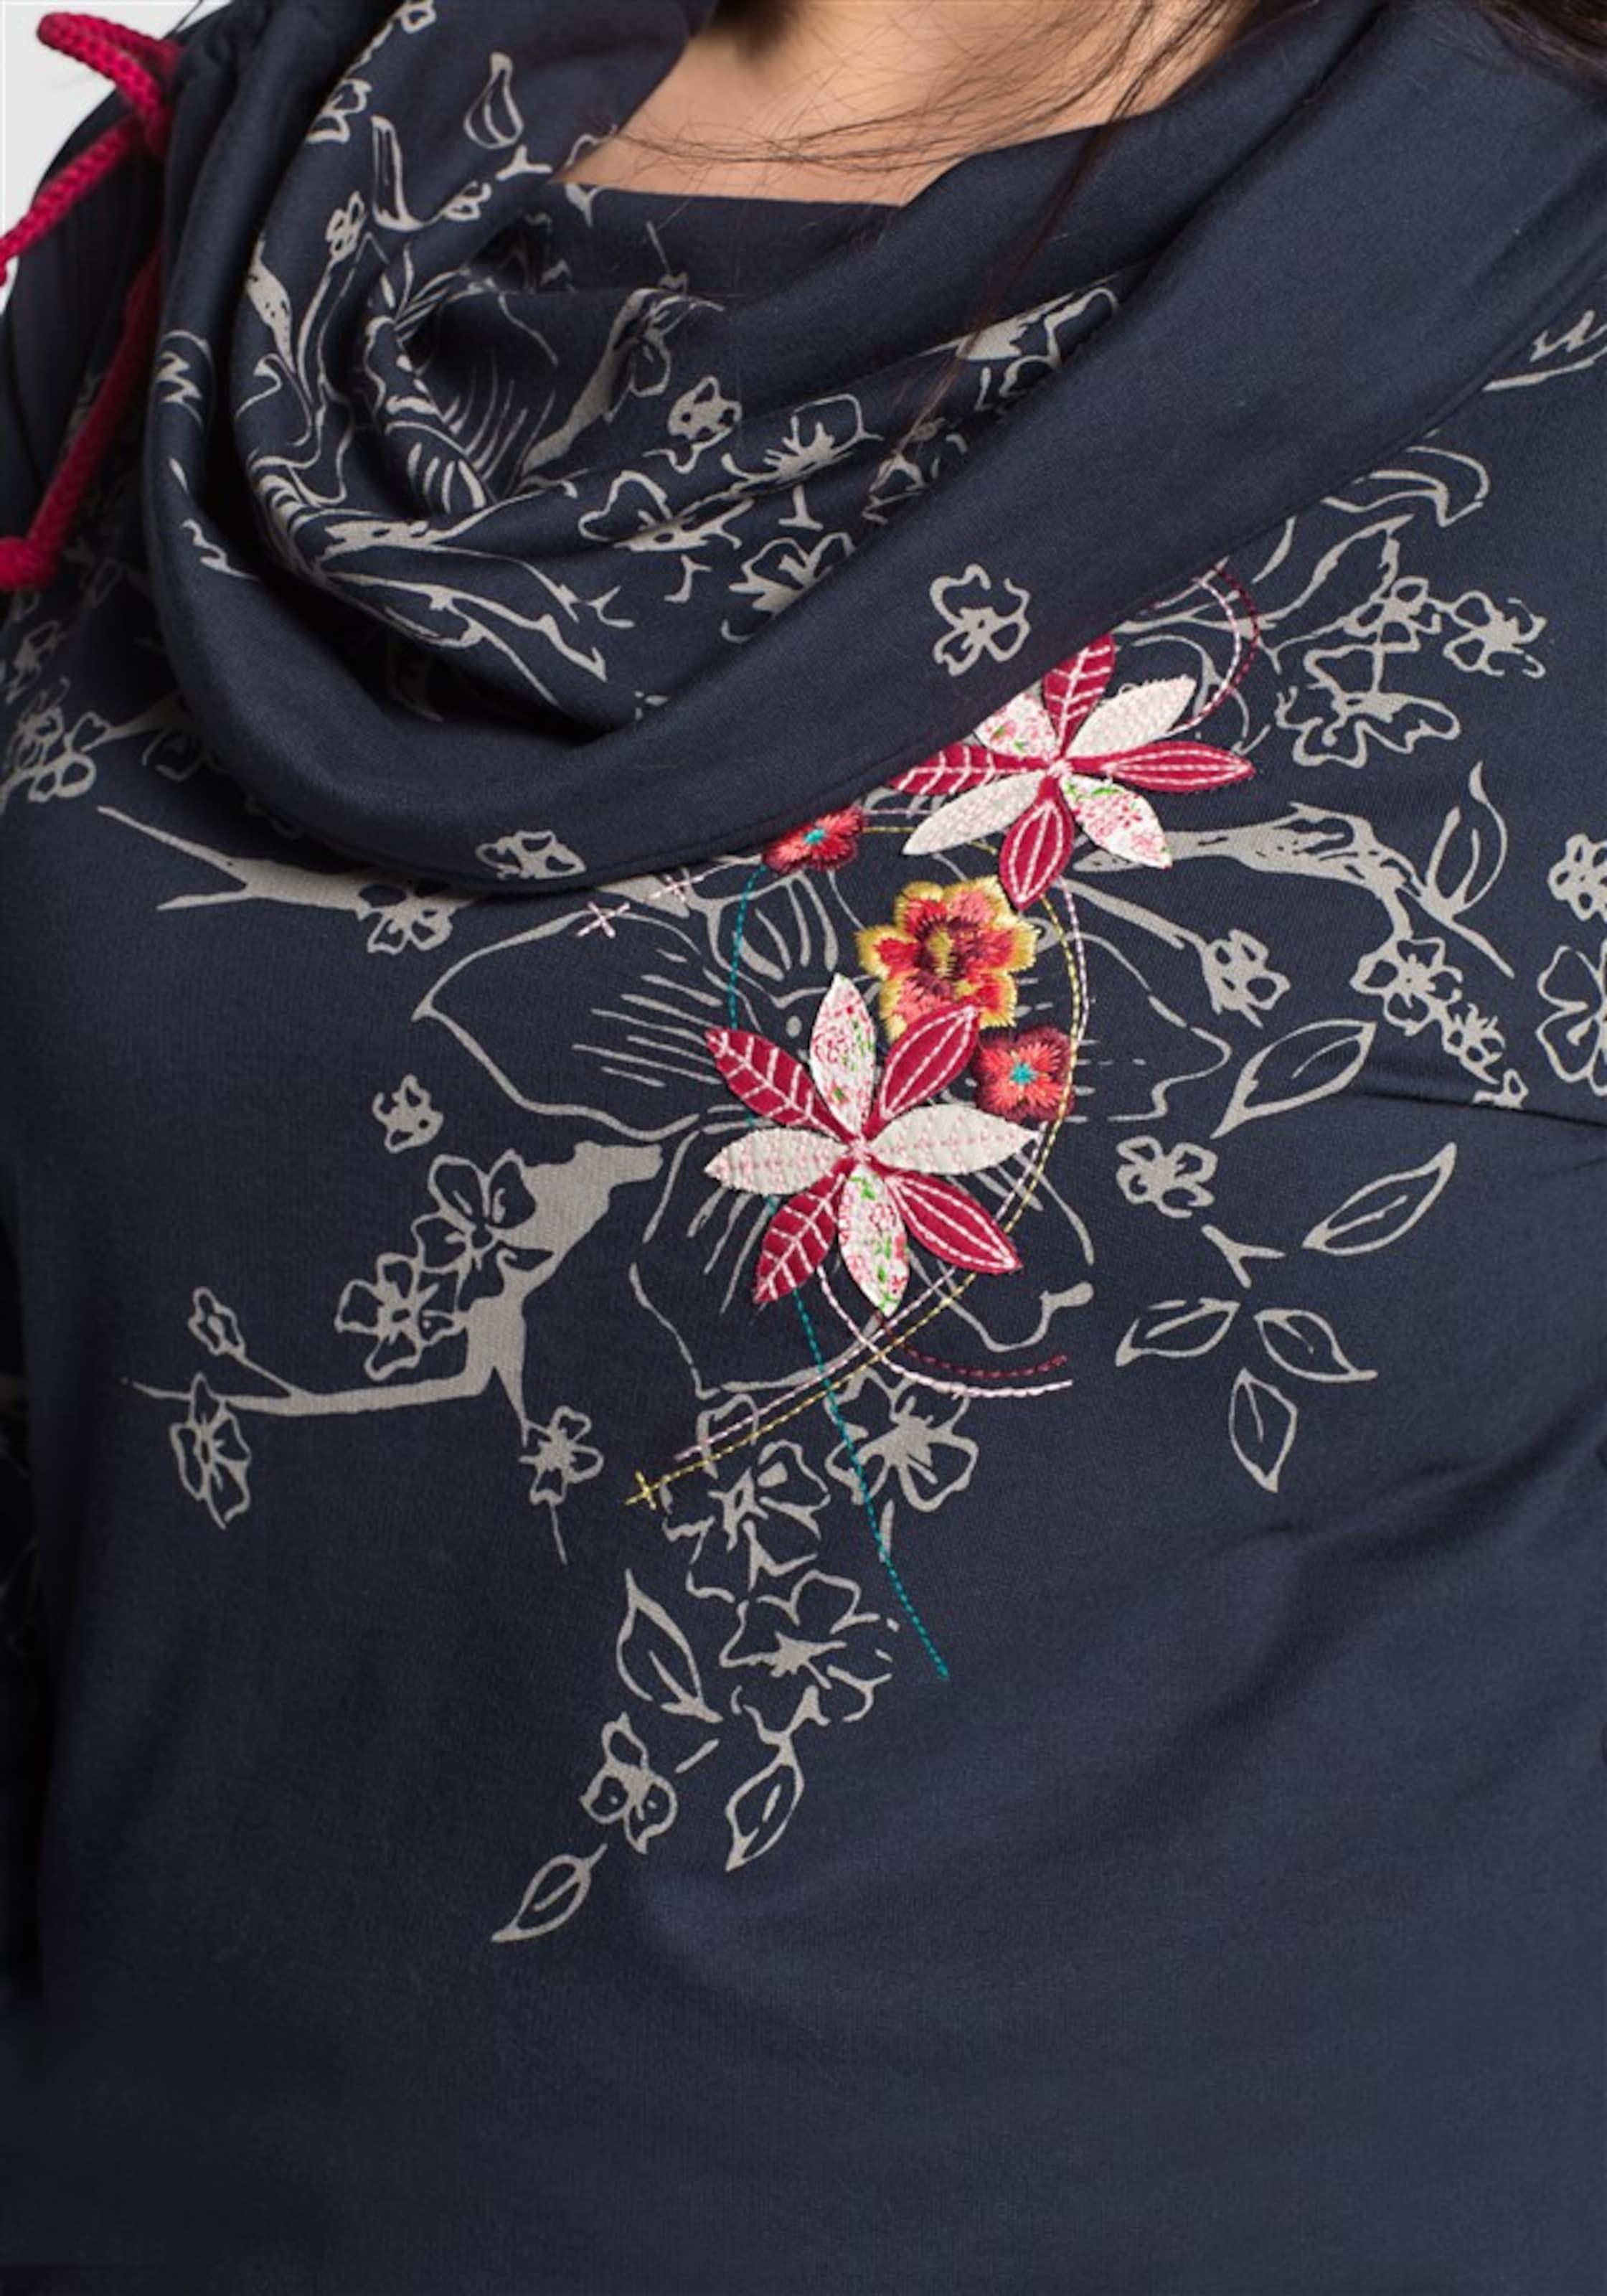 In In Sweatshirt Browns DunkelblauMischfarben Joe Browns Joe DunkelblauMischfarben Sweatshirt 54L3jqRA